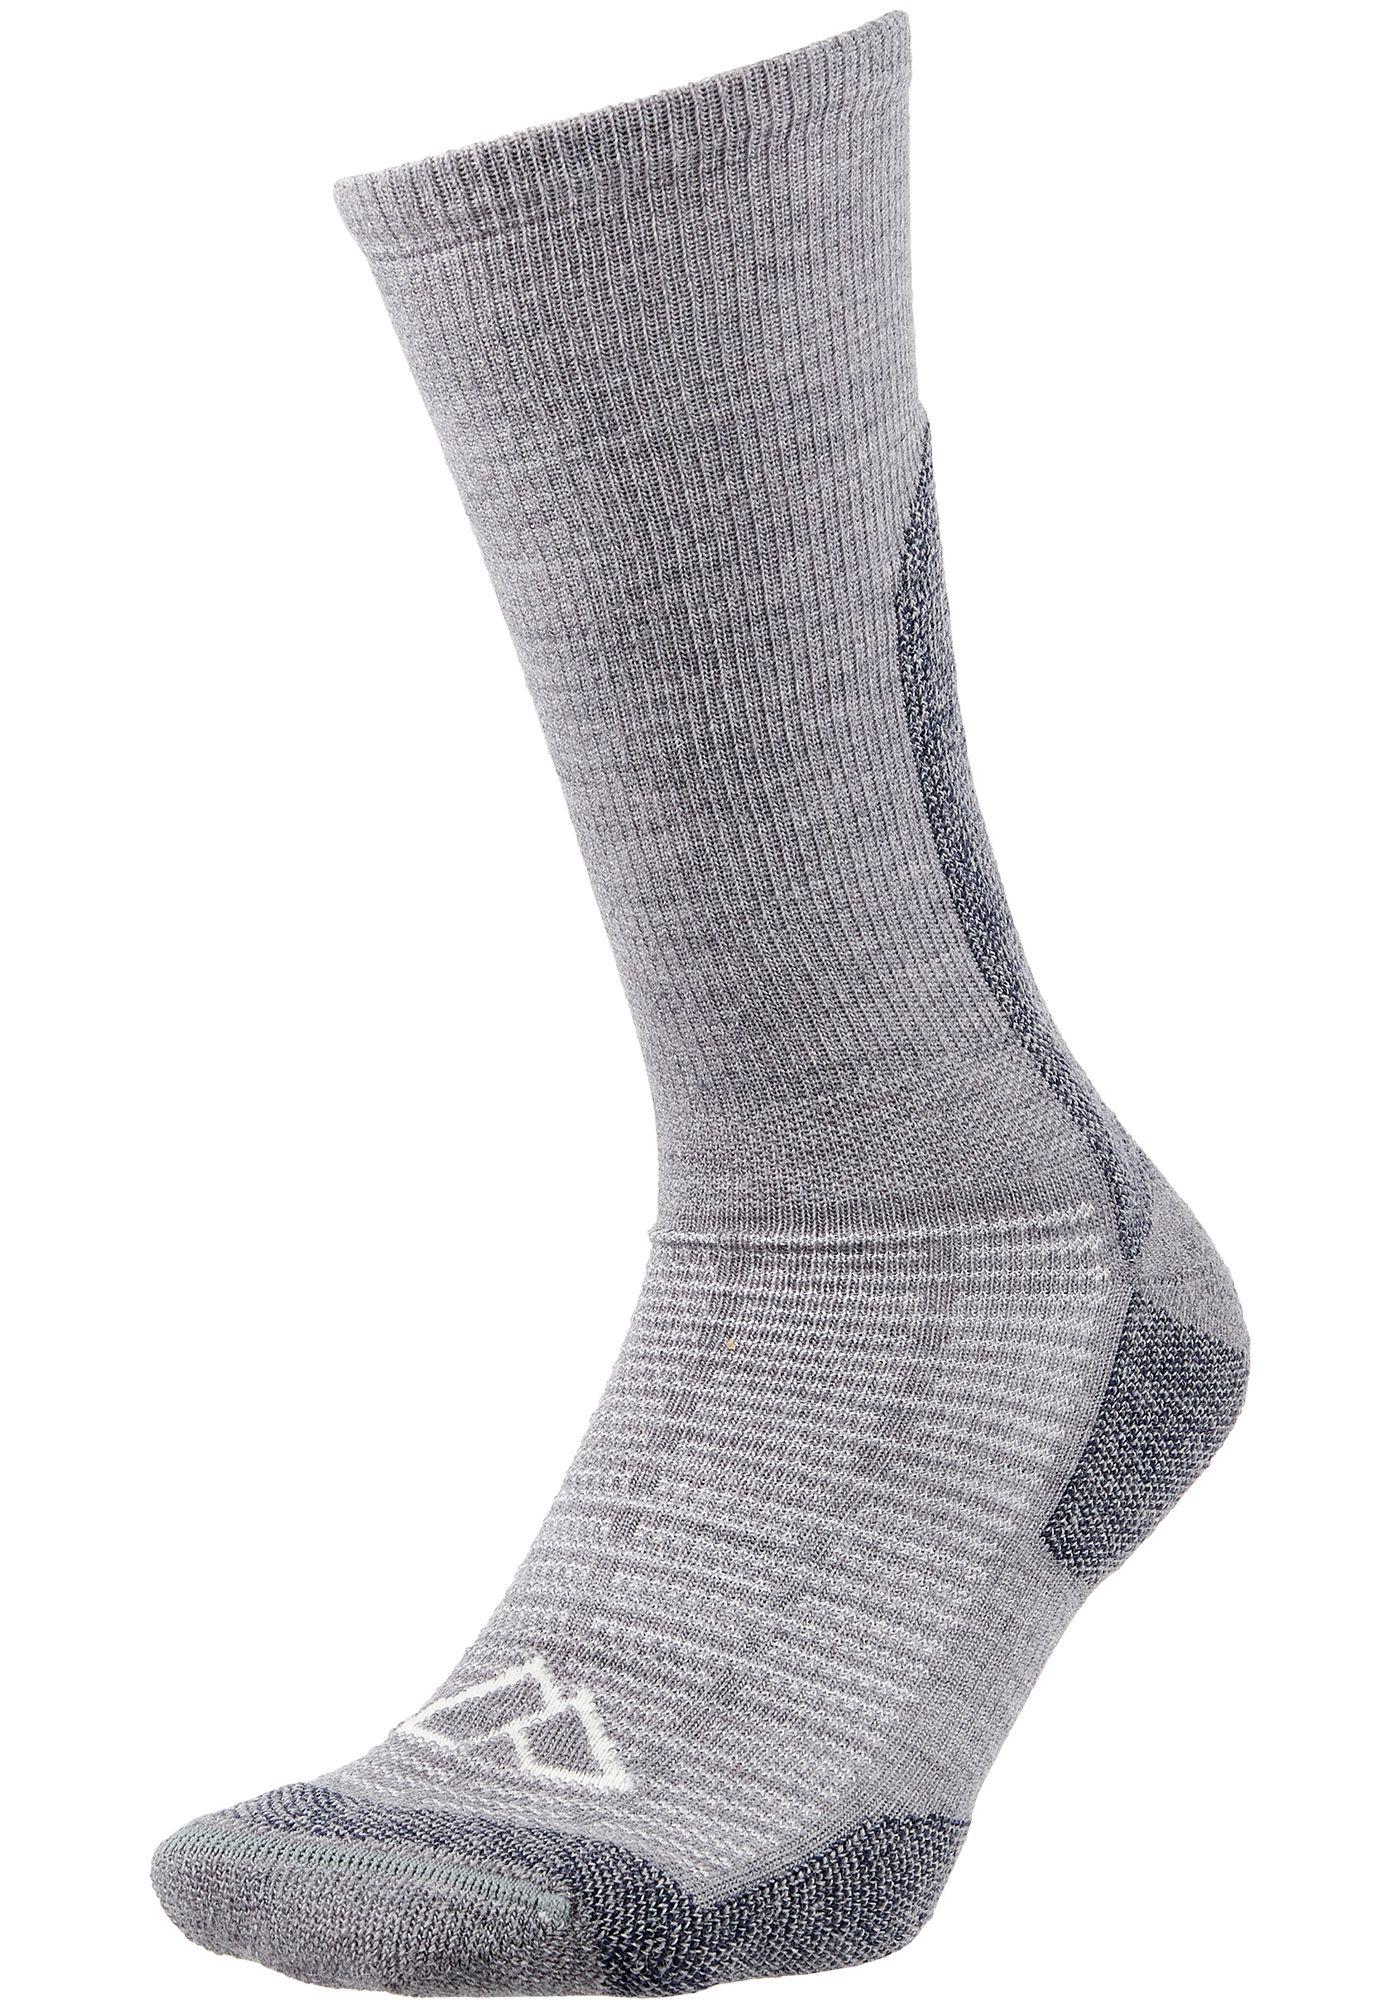 Alpine Design Crew Hiking Socks